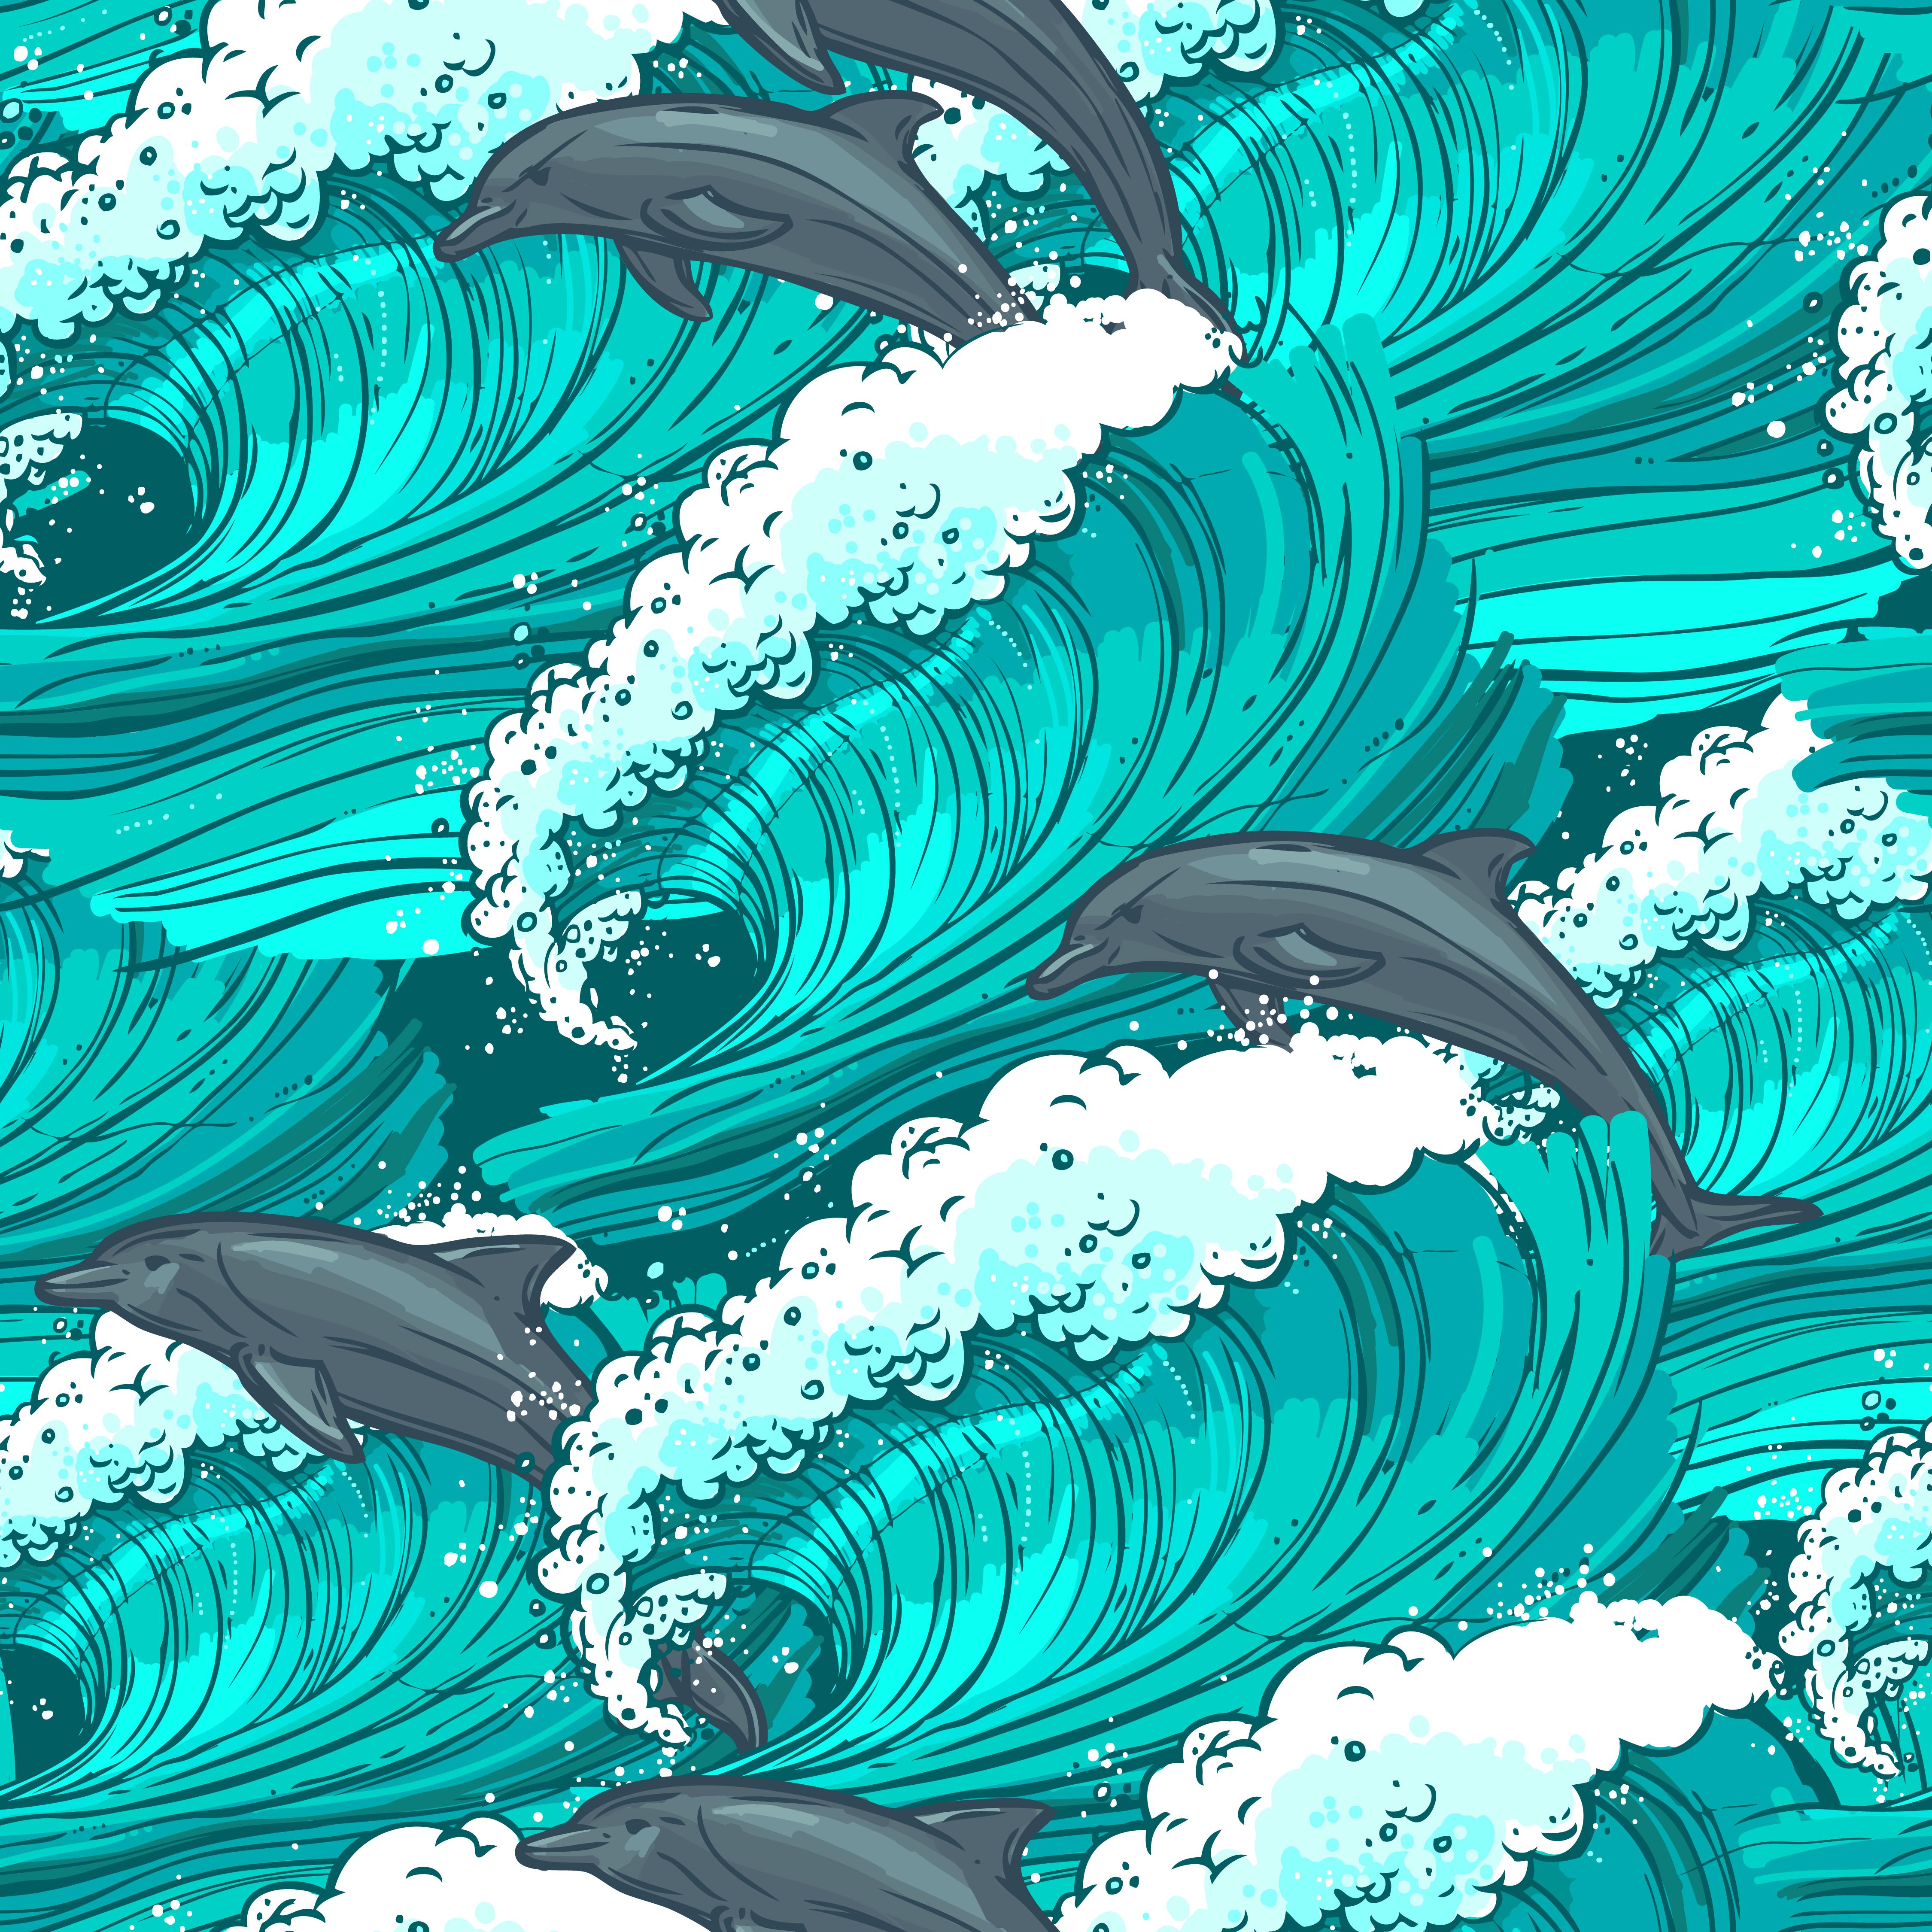 Sea waves seamless pattern 445065 - Download Free Vectors ...  Ocean Water Pattern